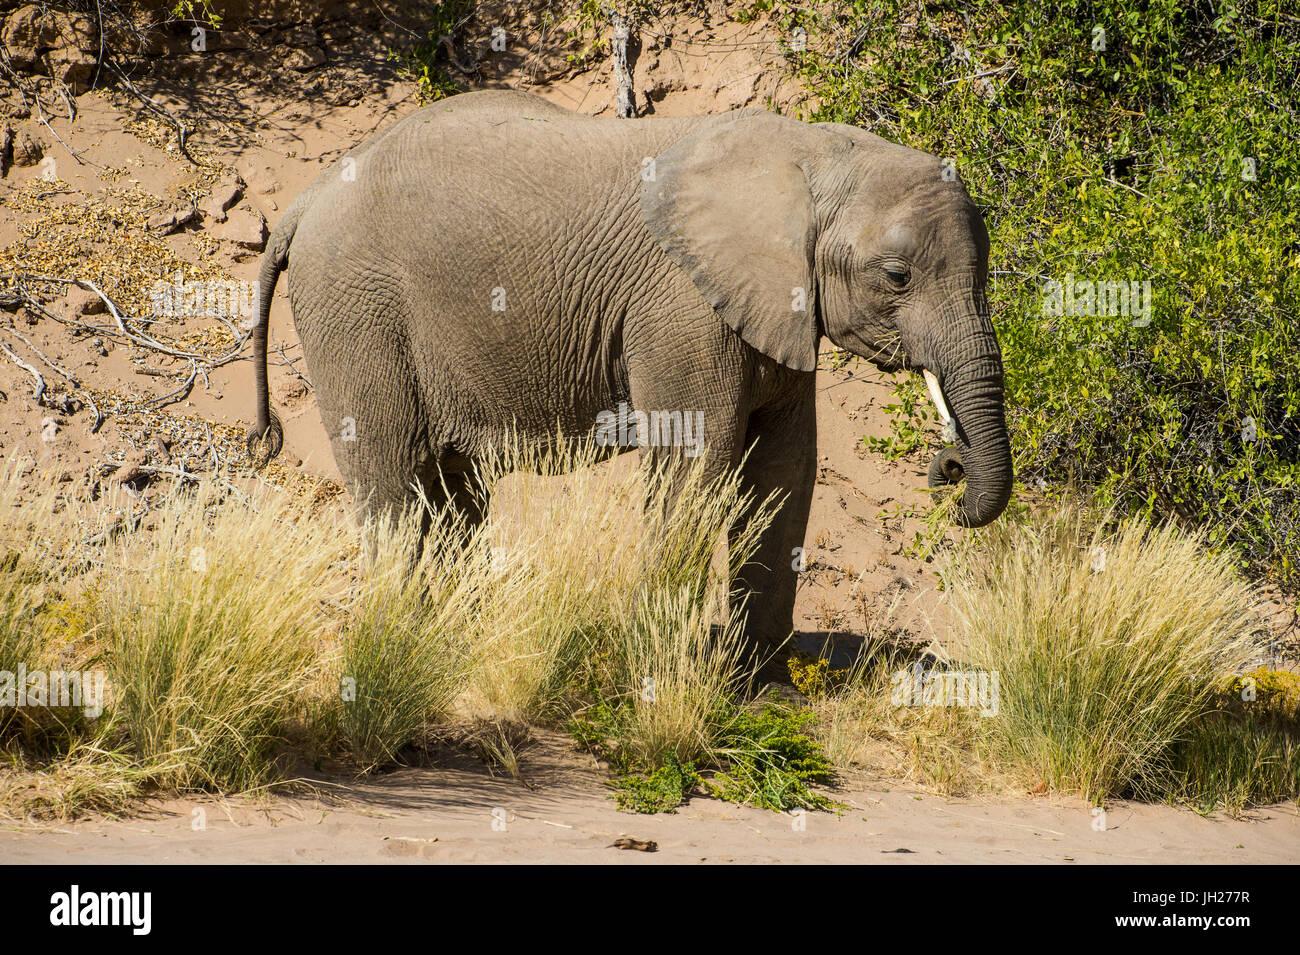 Desert elephant (African bush elephant) (Loxodonta africana), Khurab Reserve, northern Namibia, Africa - Stock Image